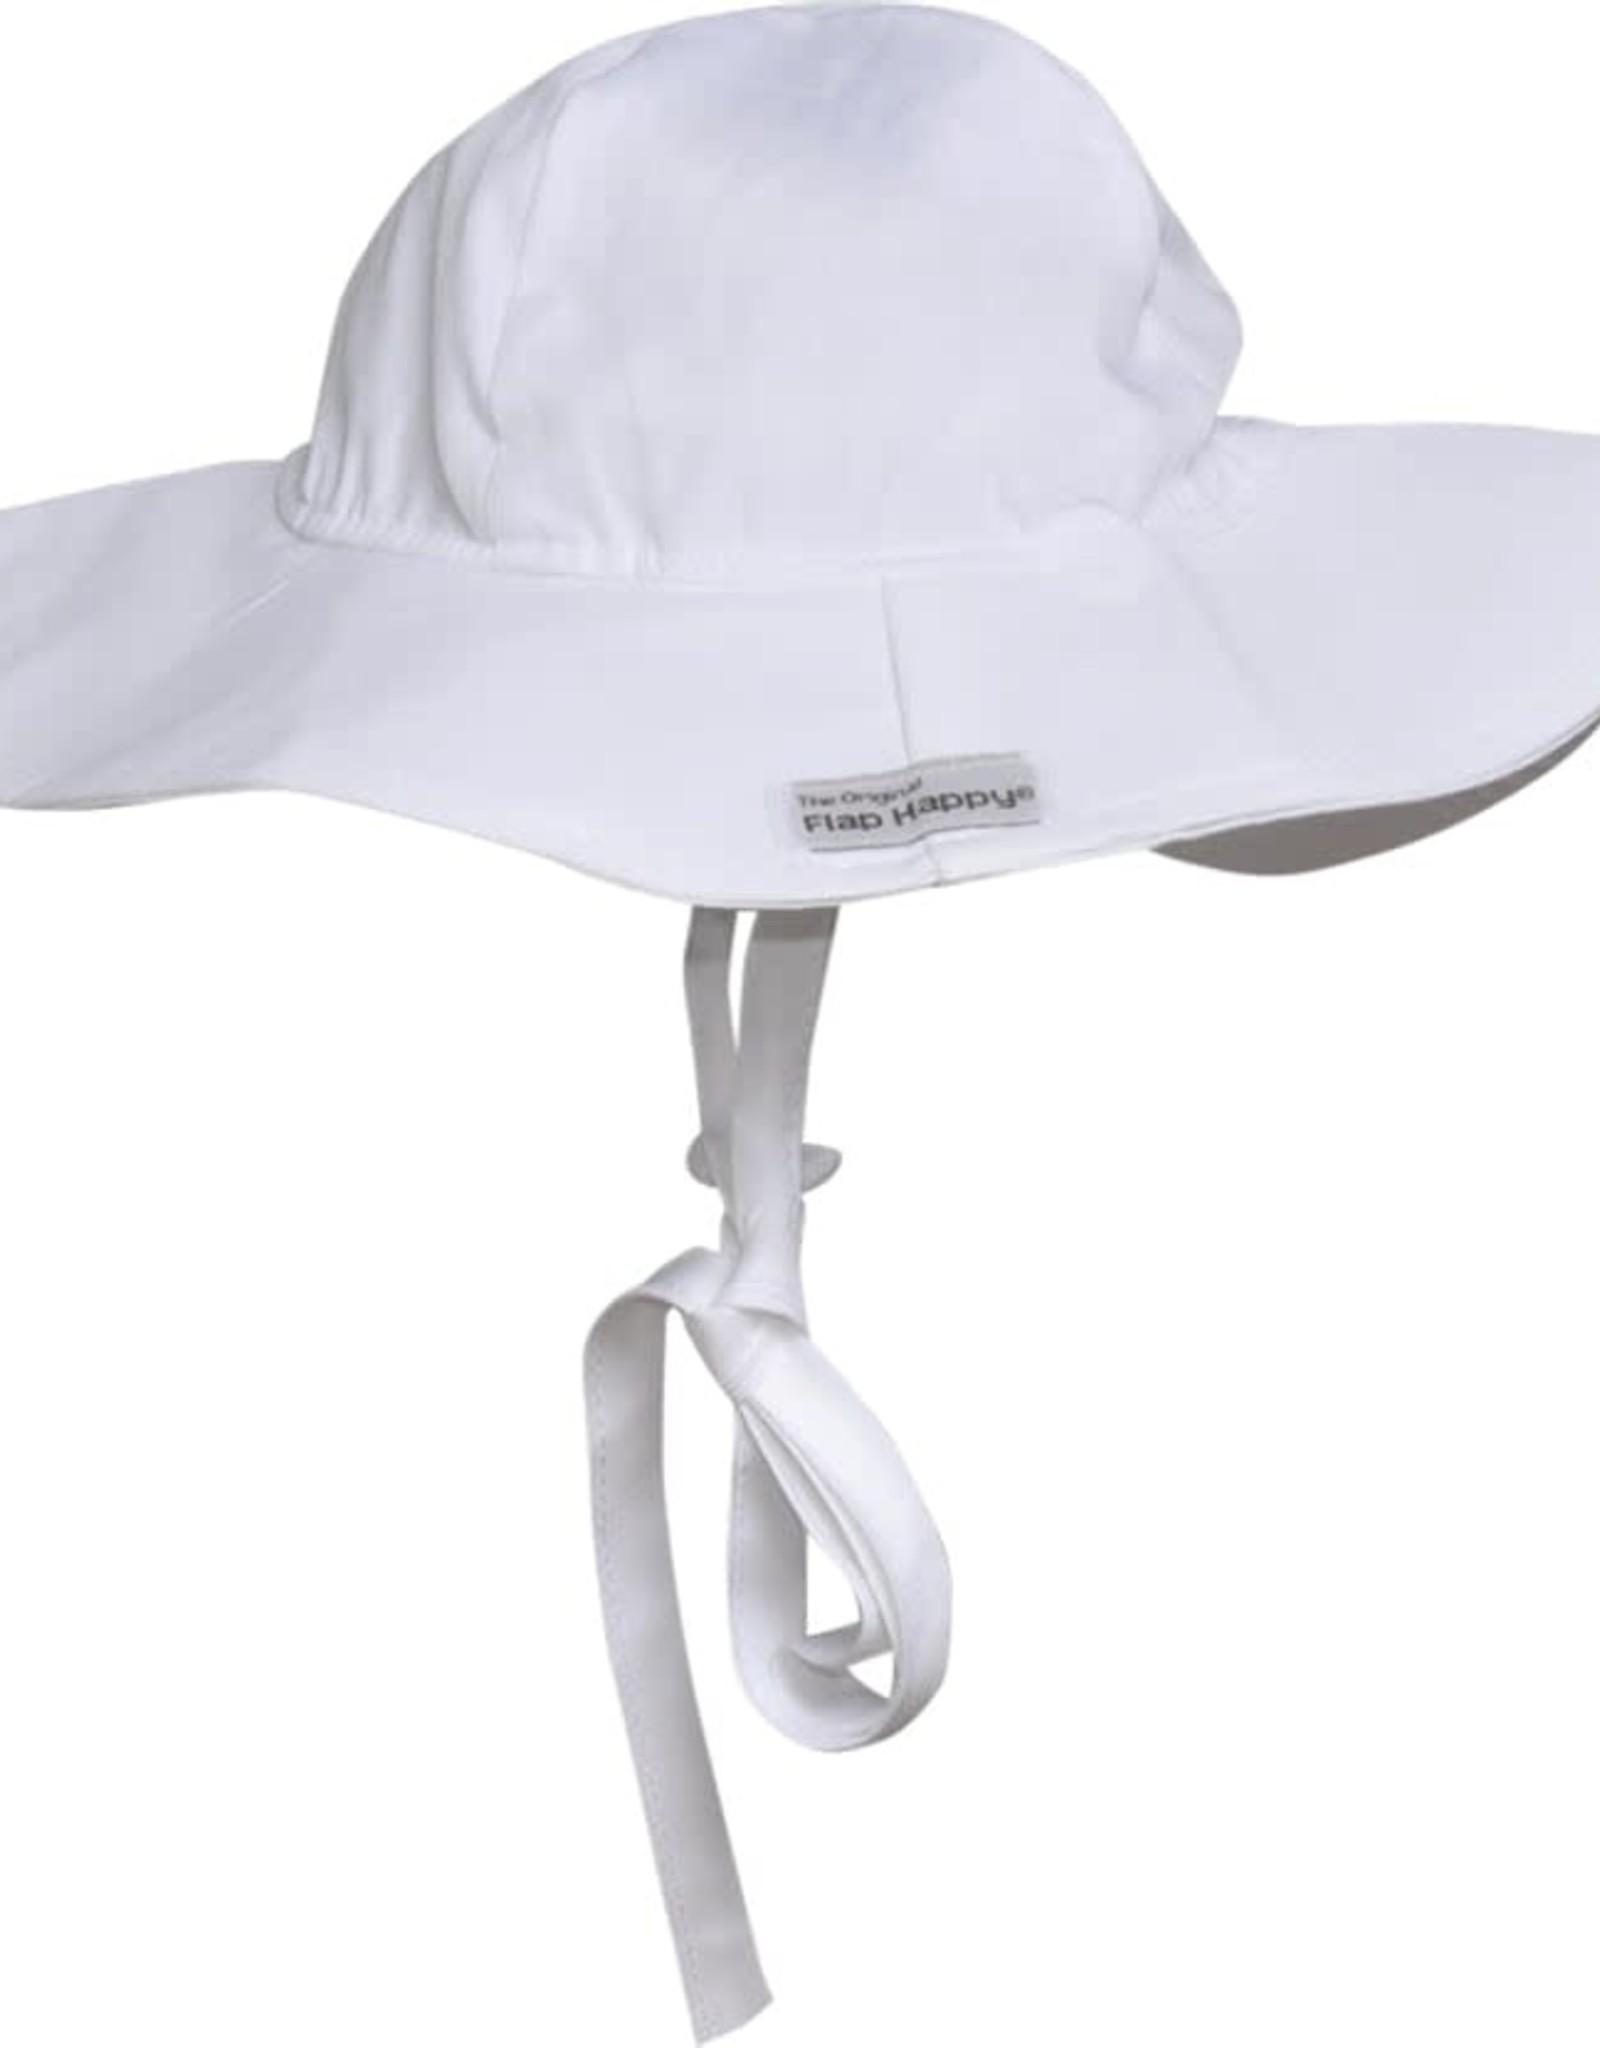 Flap Happy Floppy Hat White Poplin